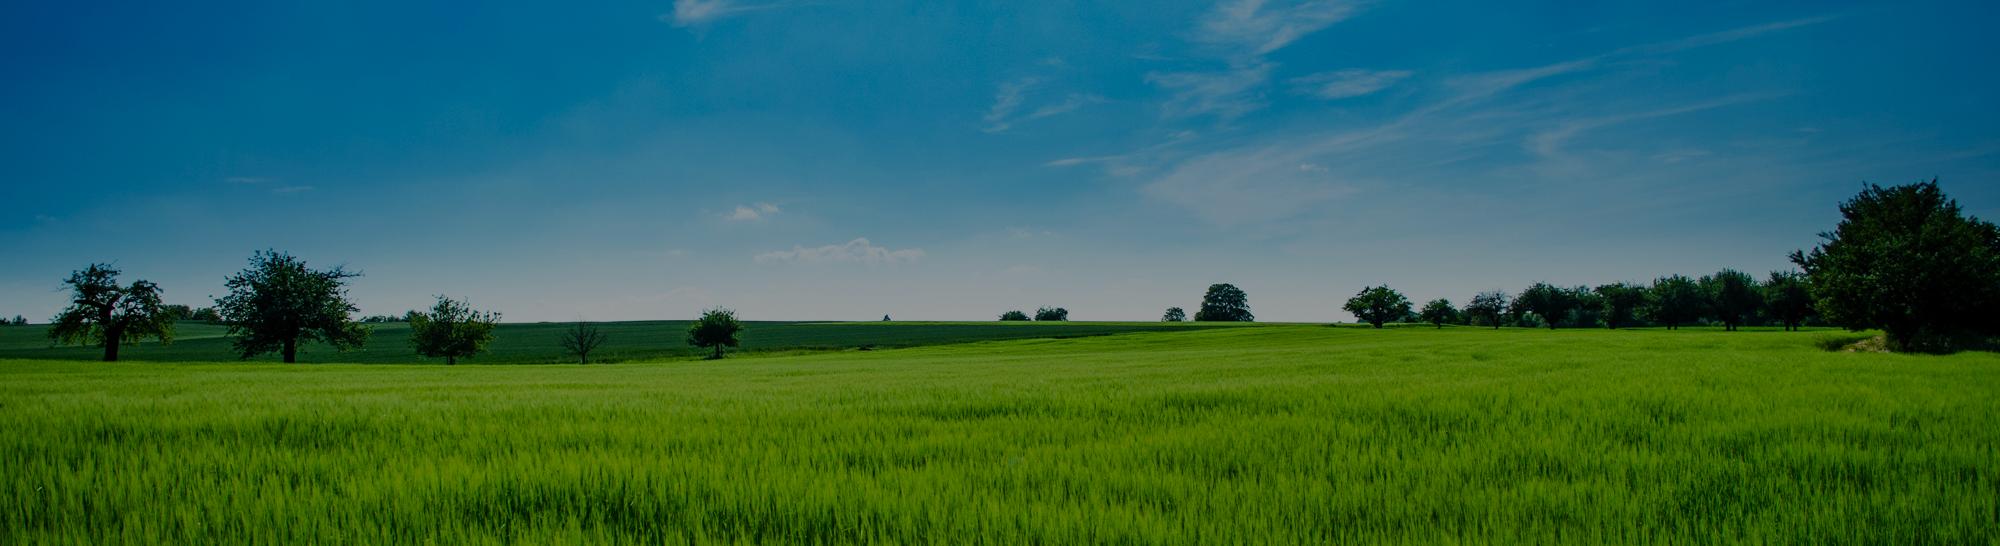 Groene verlichting voor een groenere wereld